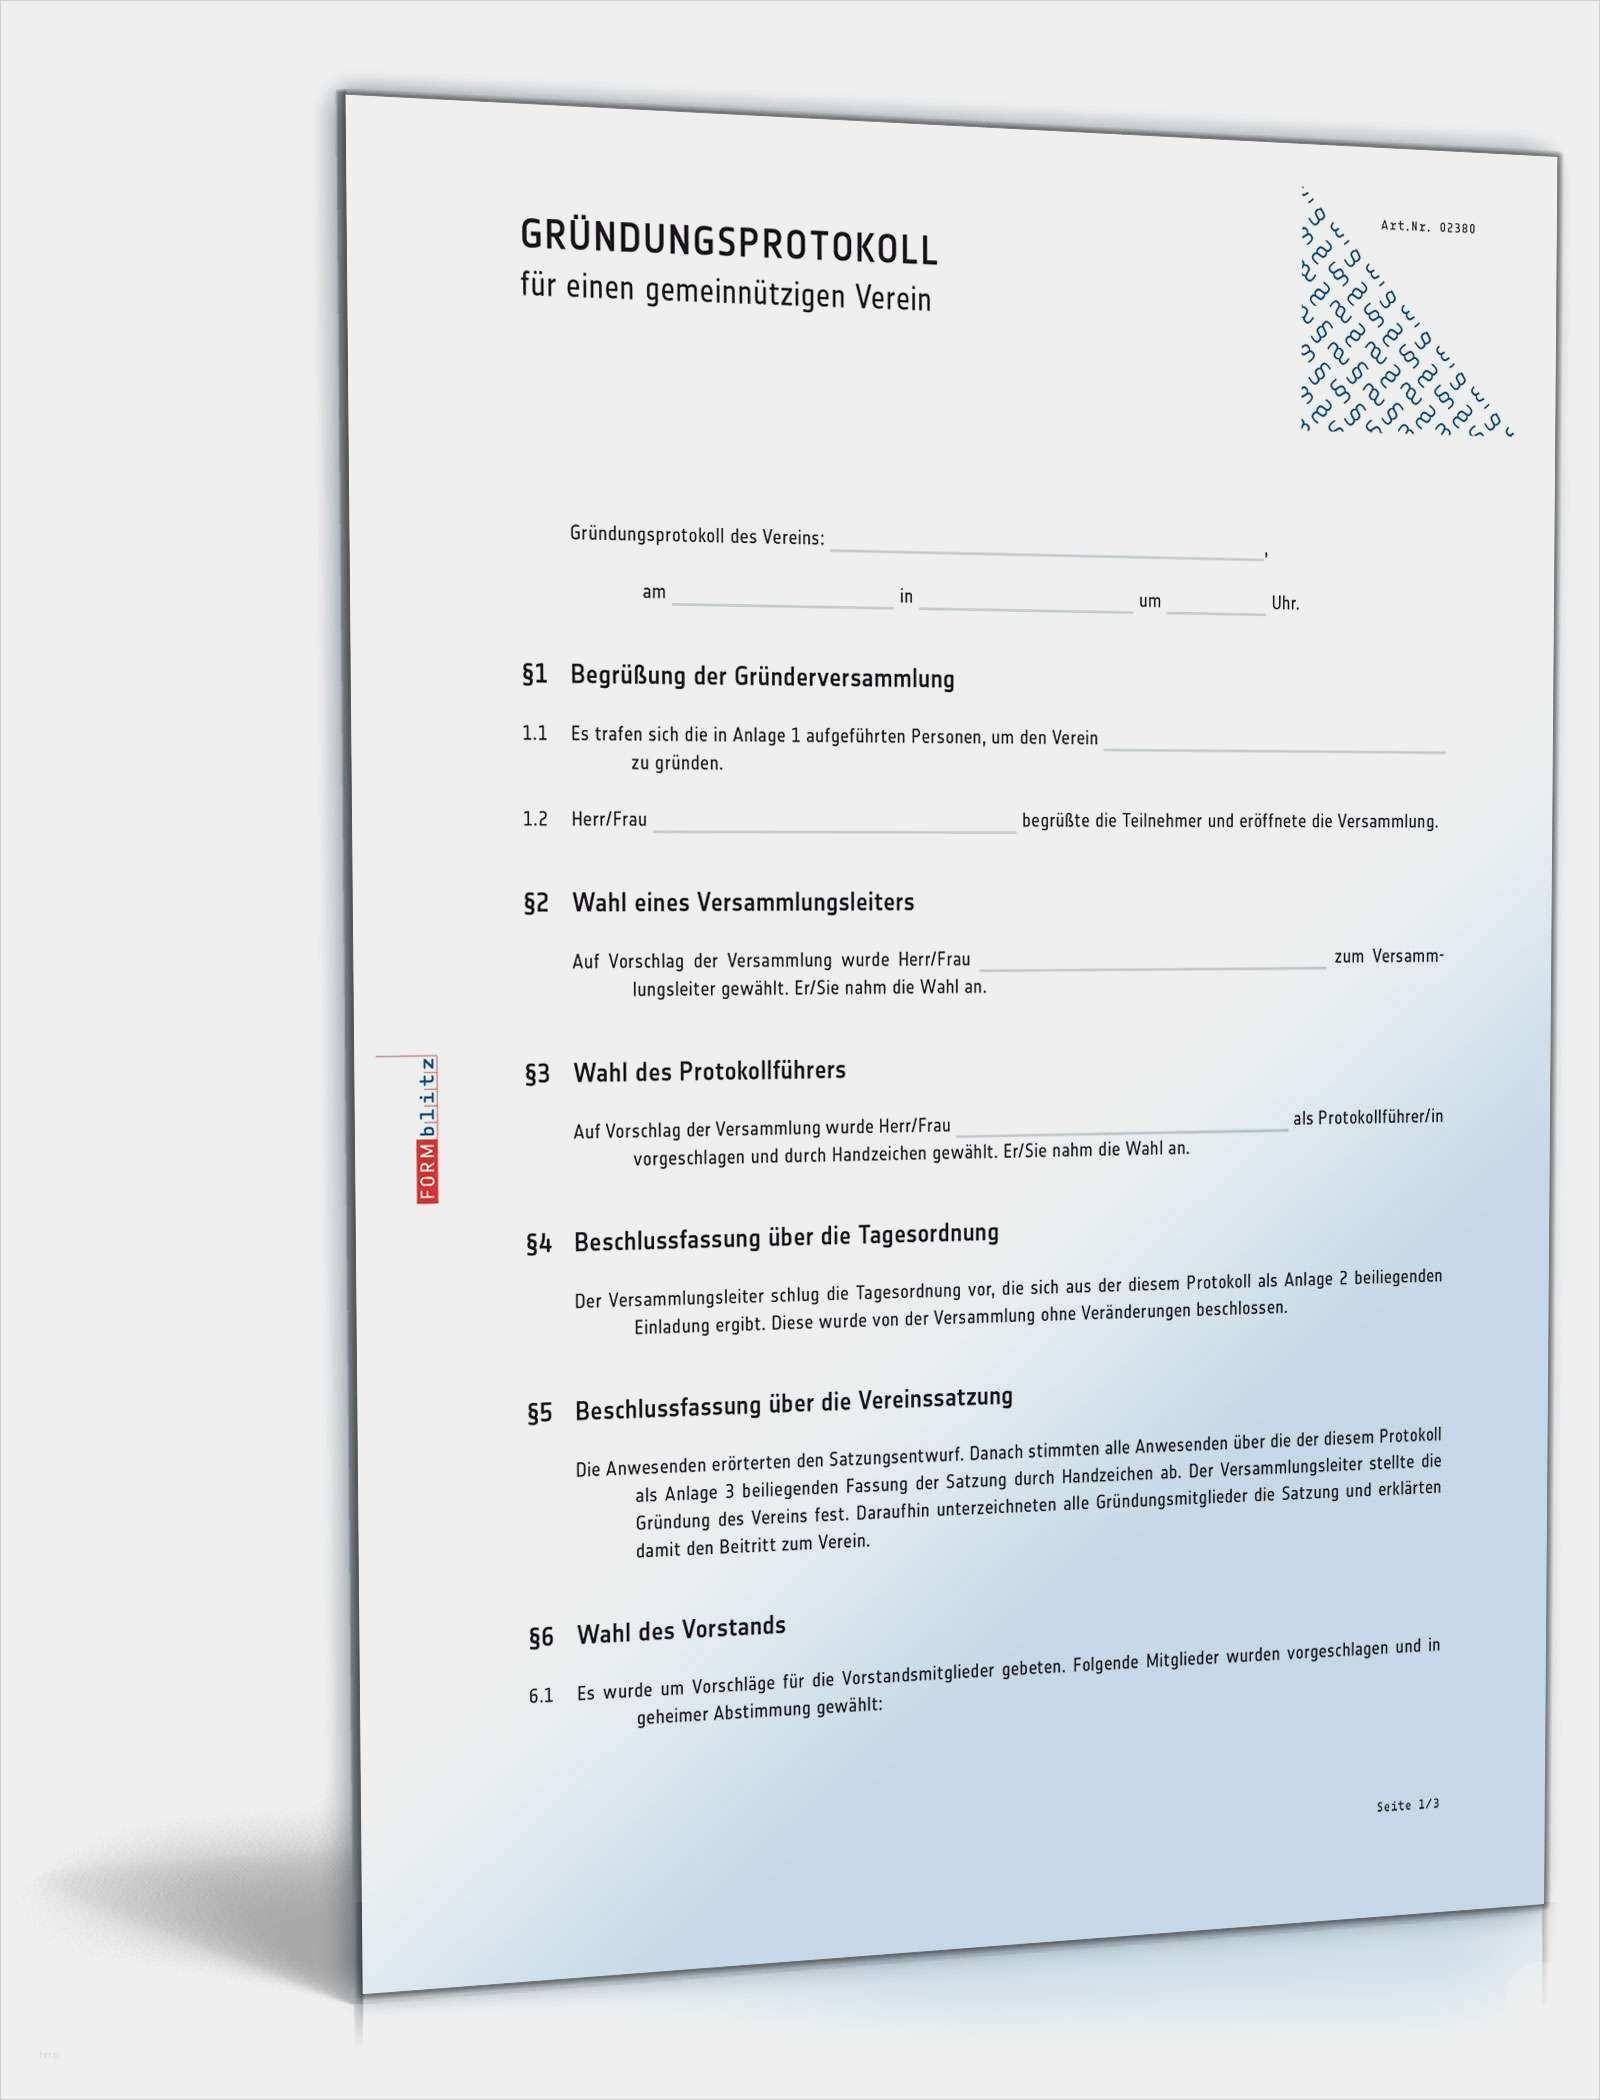 21 Gut Wahlprotokoll Verein Vorlage Abbildung In 2020 Vorlagen Word Vorlagen Abnahmeprotokoll